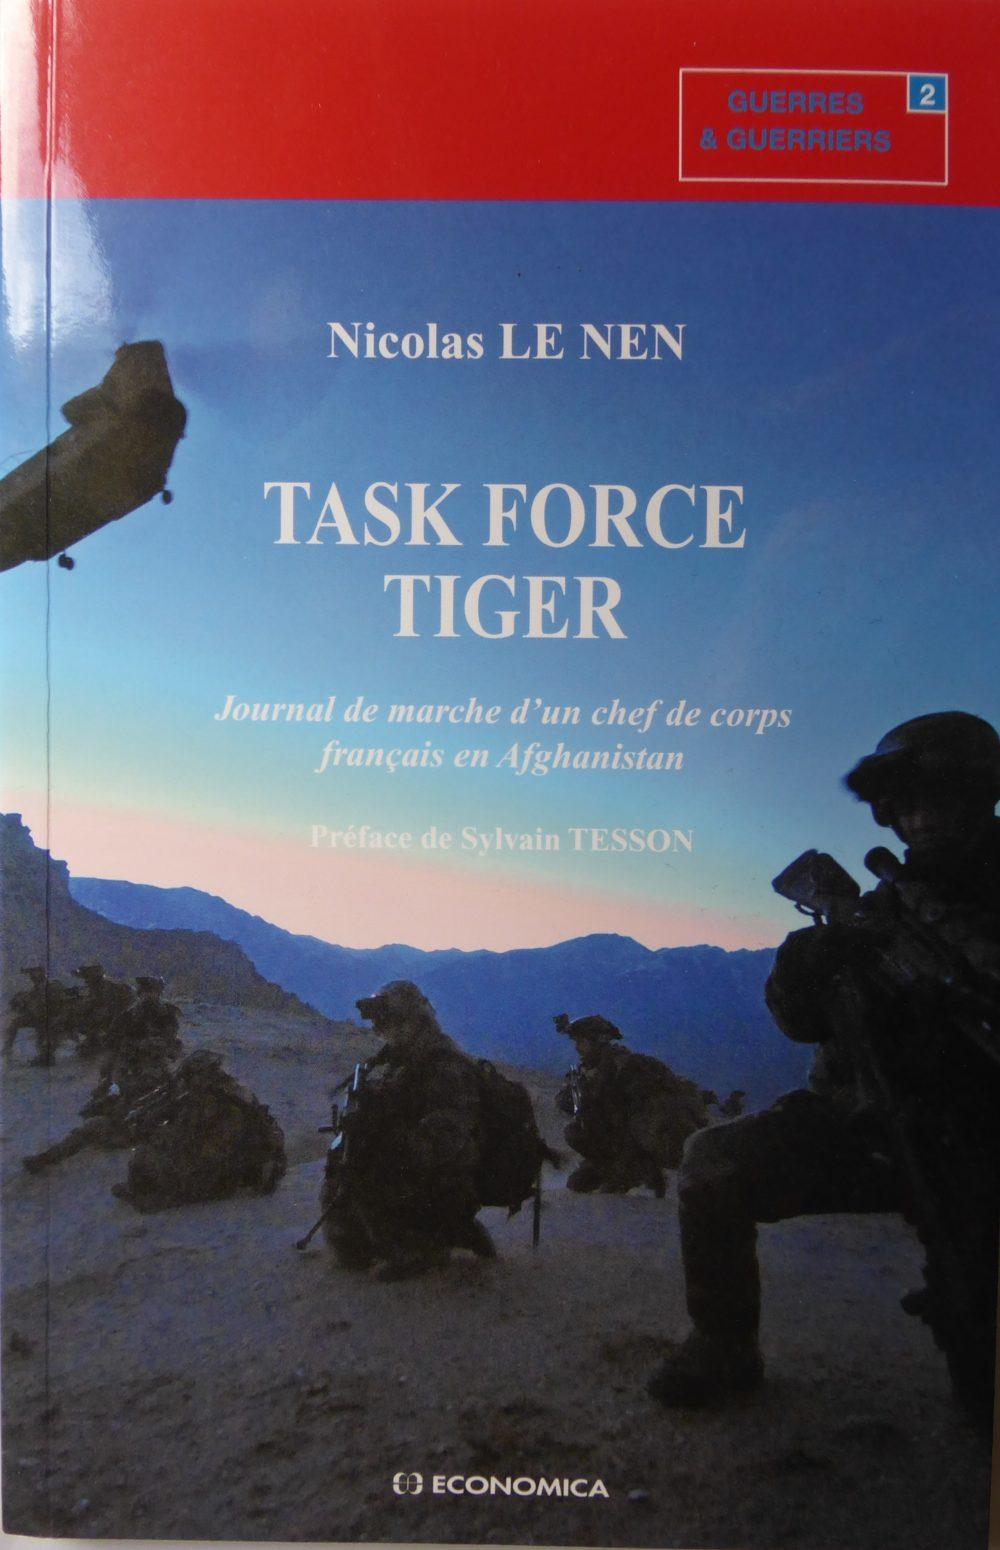 Task force tiger